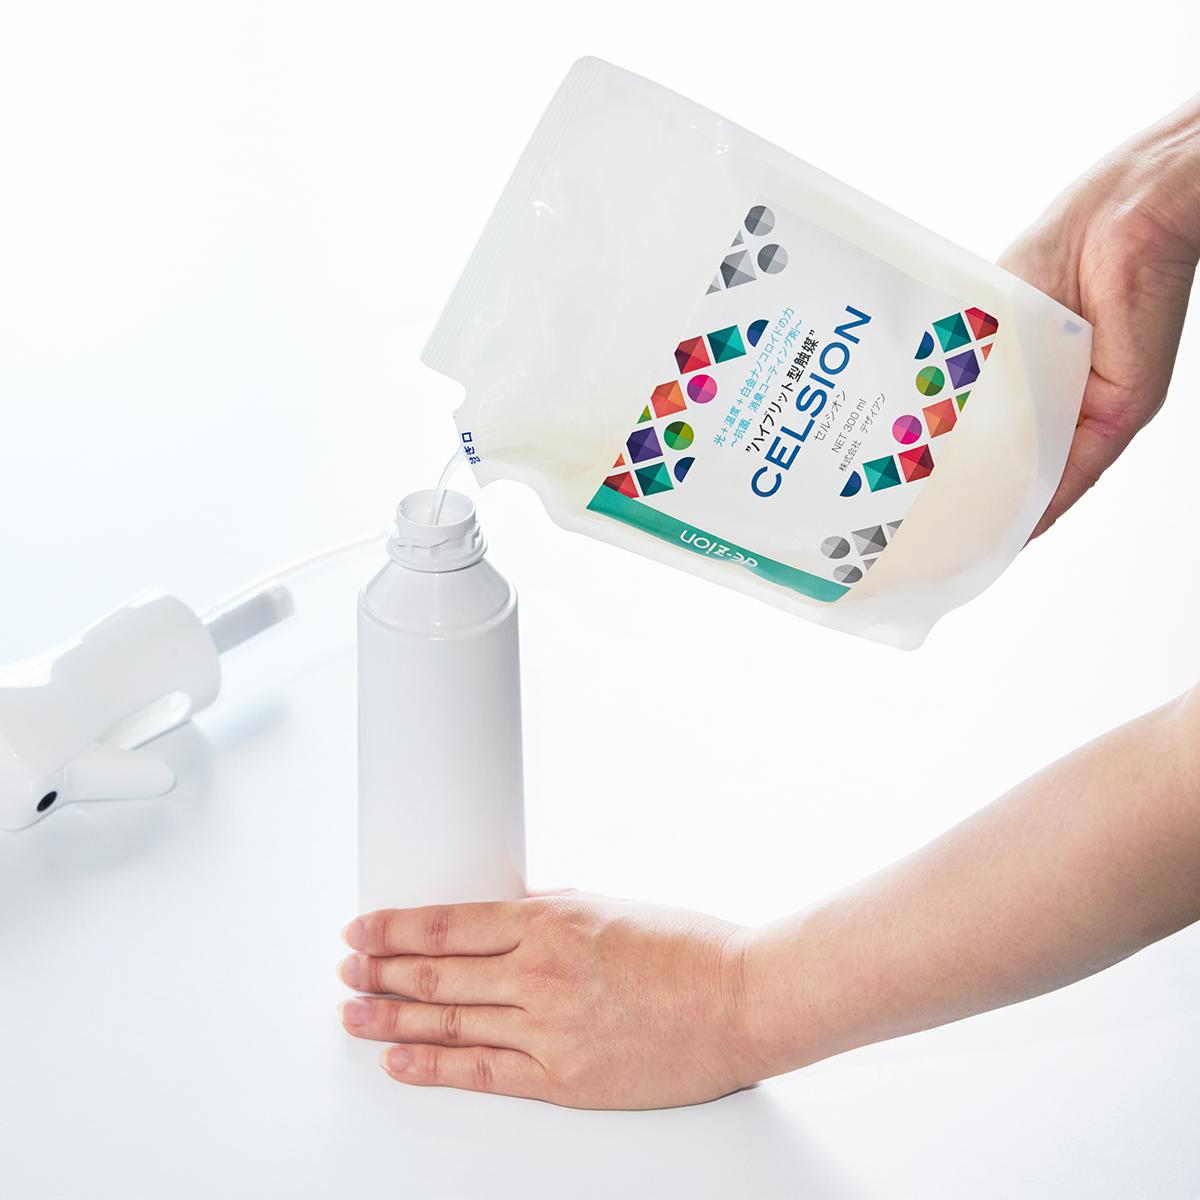 ひと吹きで、365日続く「抗菌ルーム」へ | 片手でシュッ!プロ級の抗菌コートで菌や匂いを分解